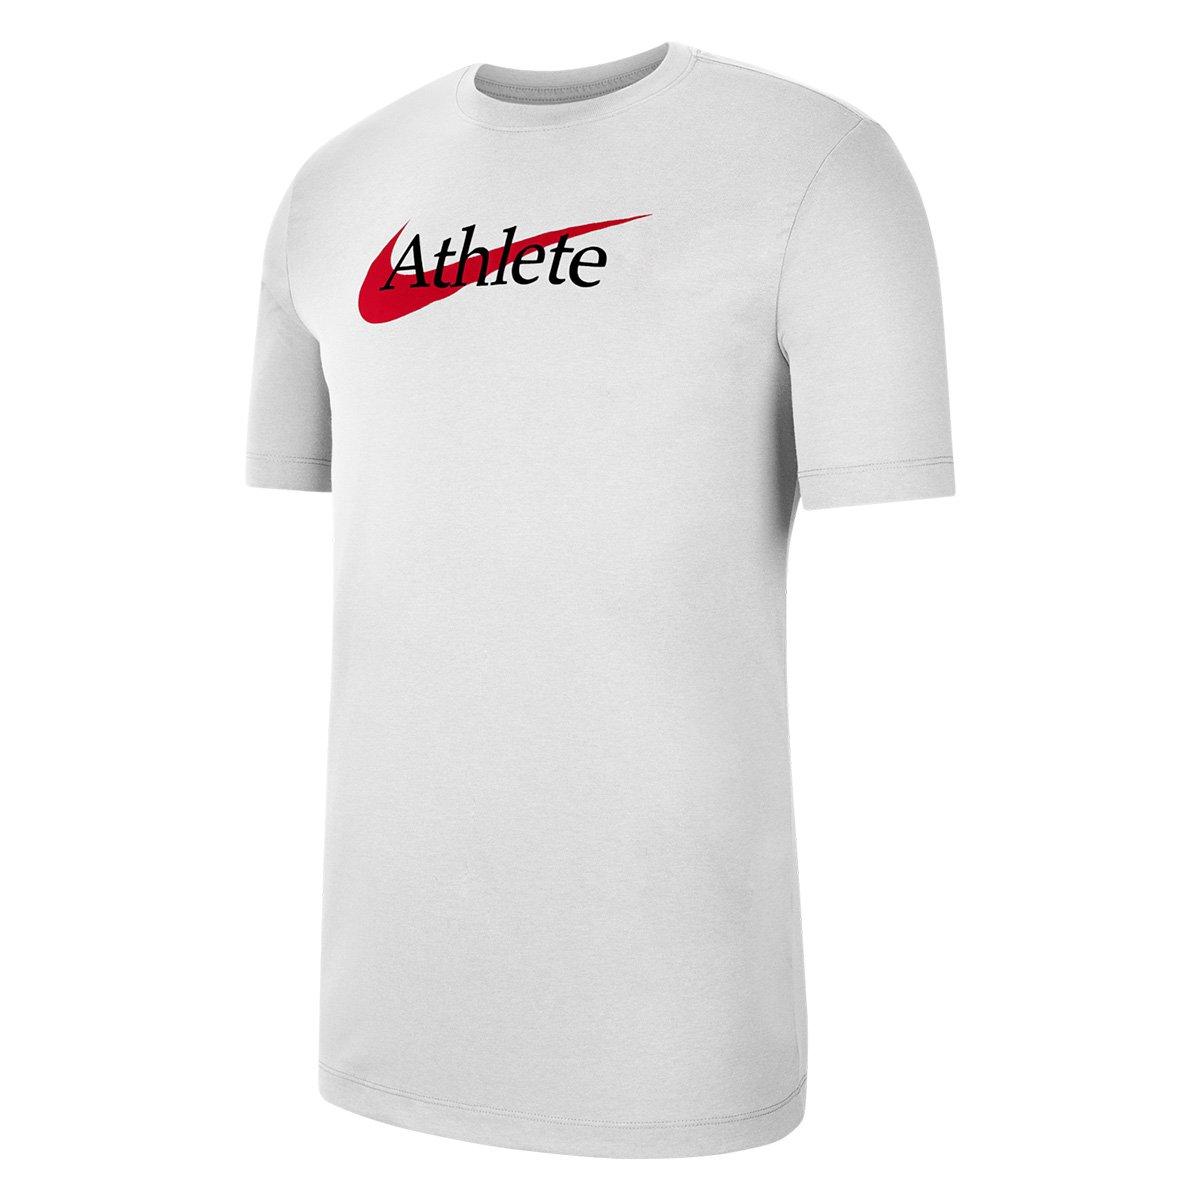 Camiseta Nike Athlete Masculina